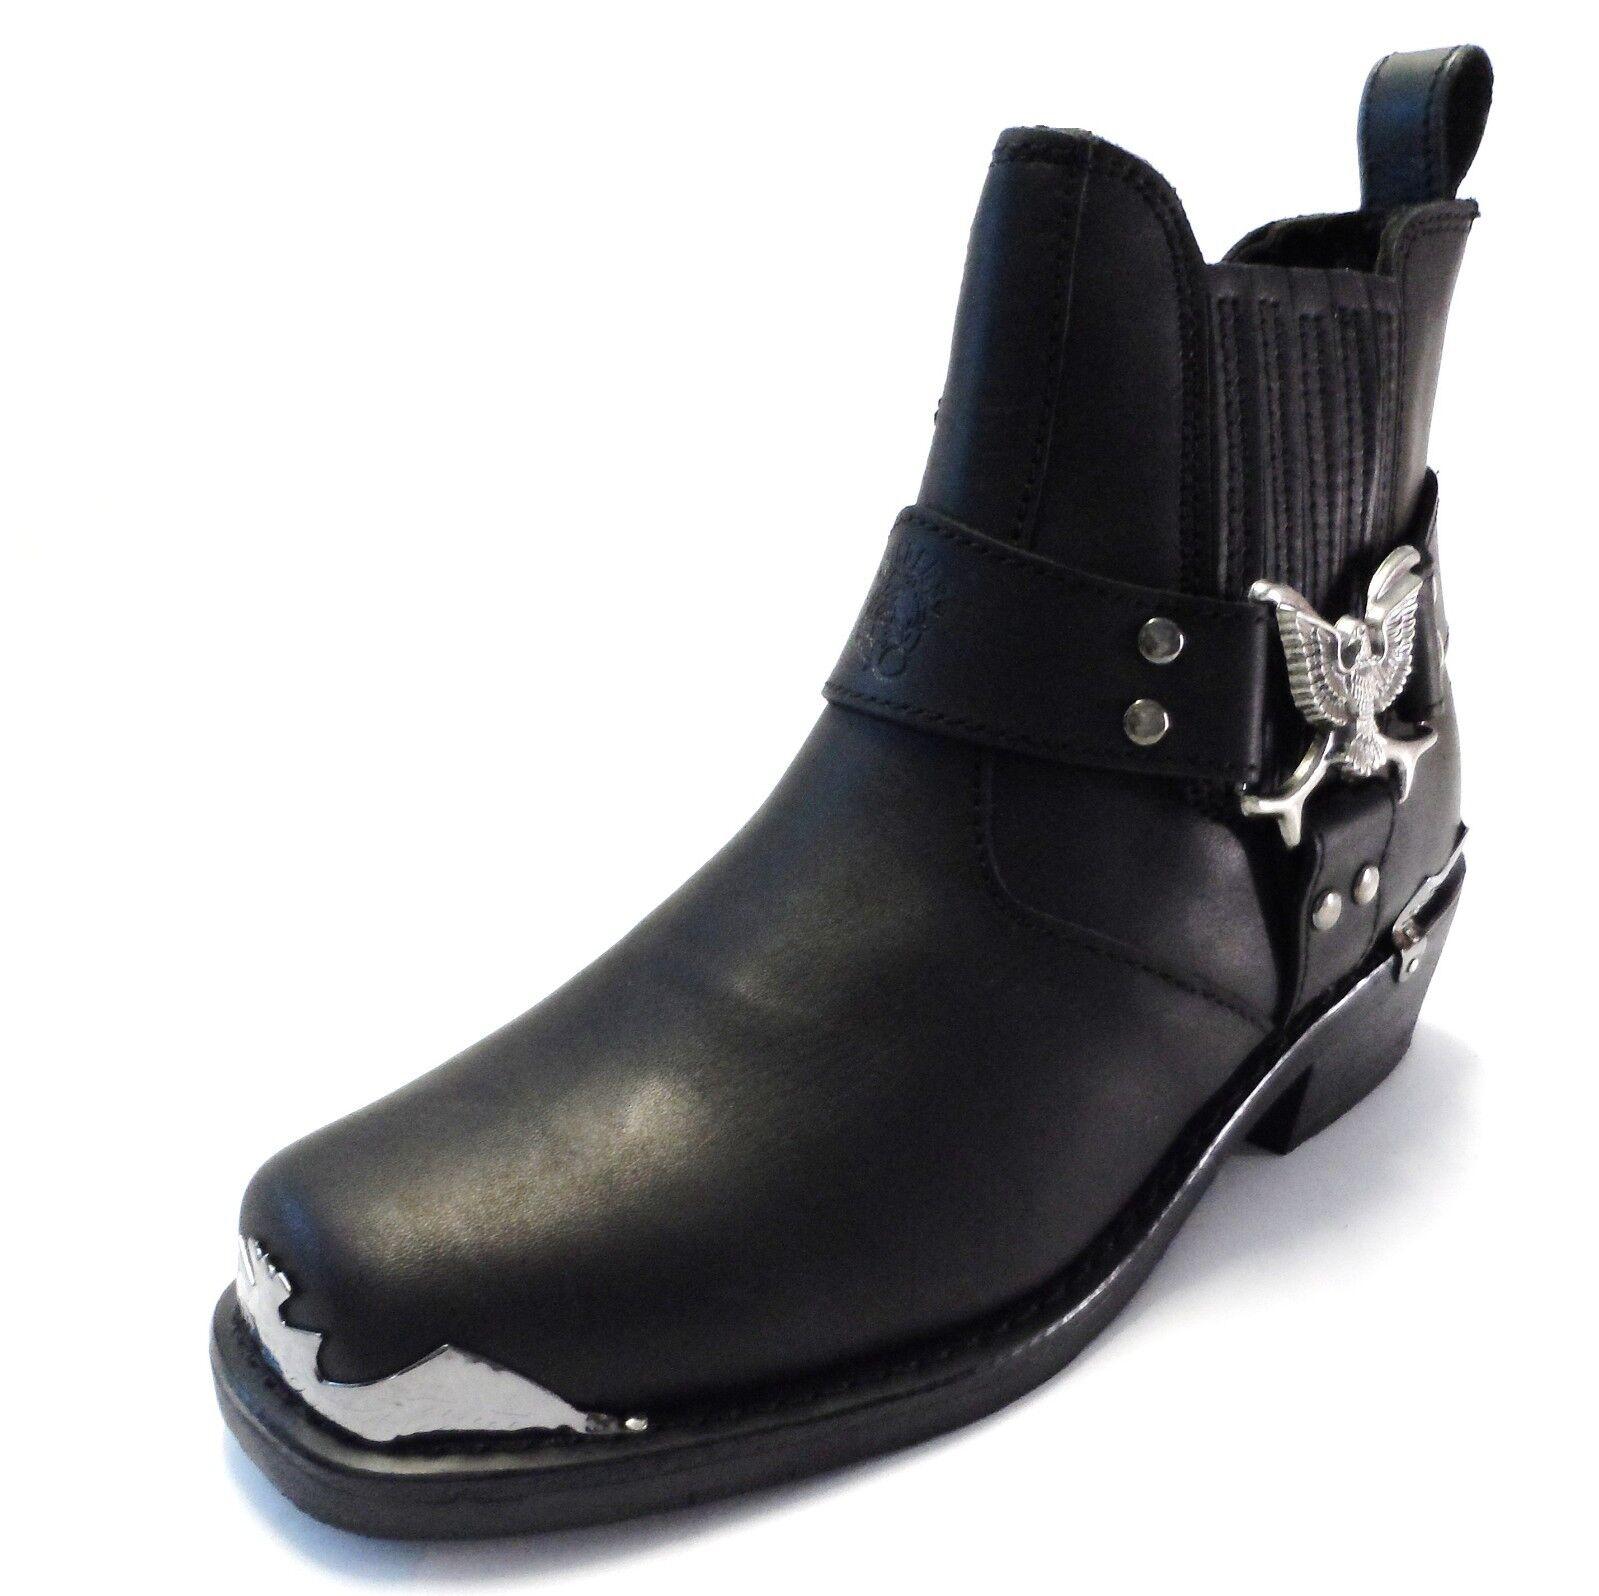 Grandes zapatos con descuento Grinders Eagle Lo Mens Black Biker Classic Style Cowboy Boots